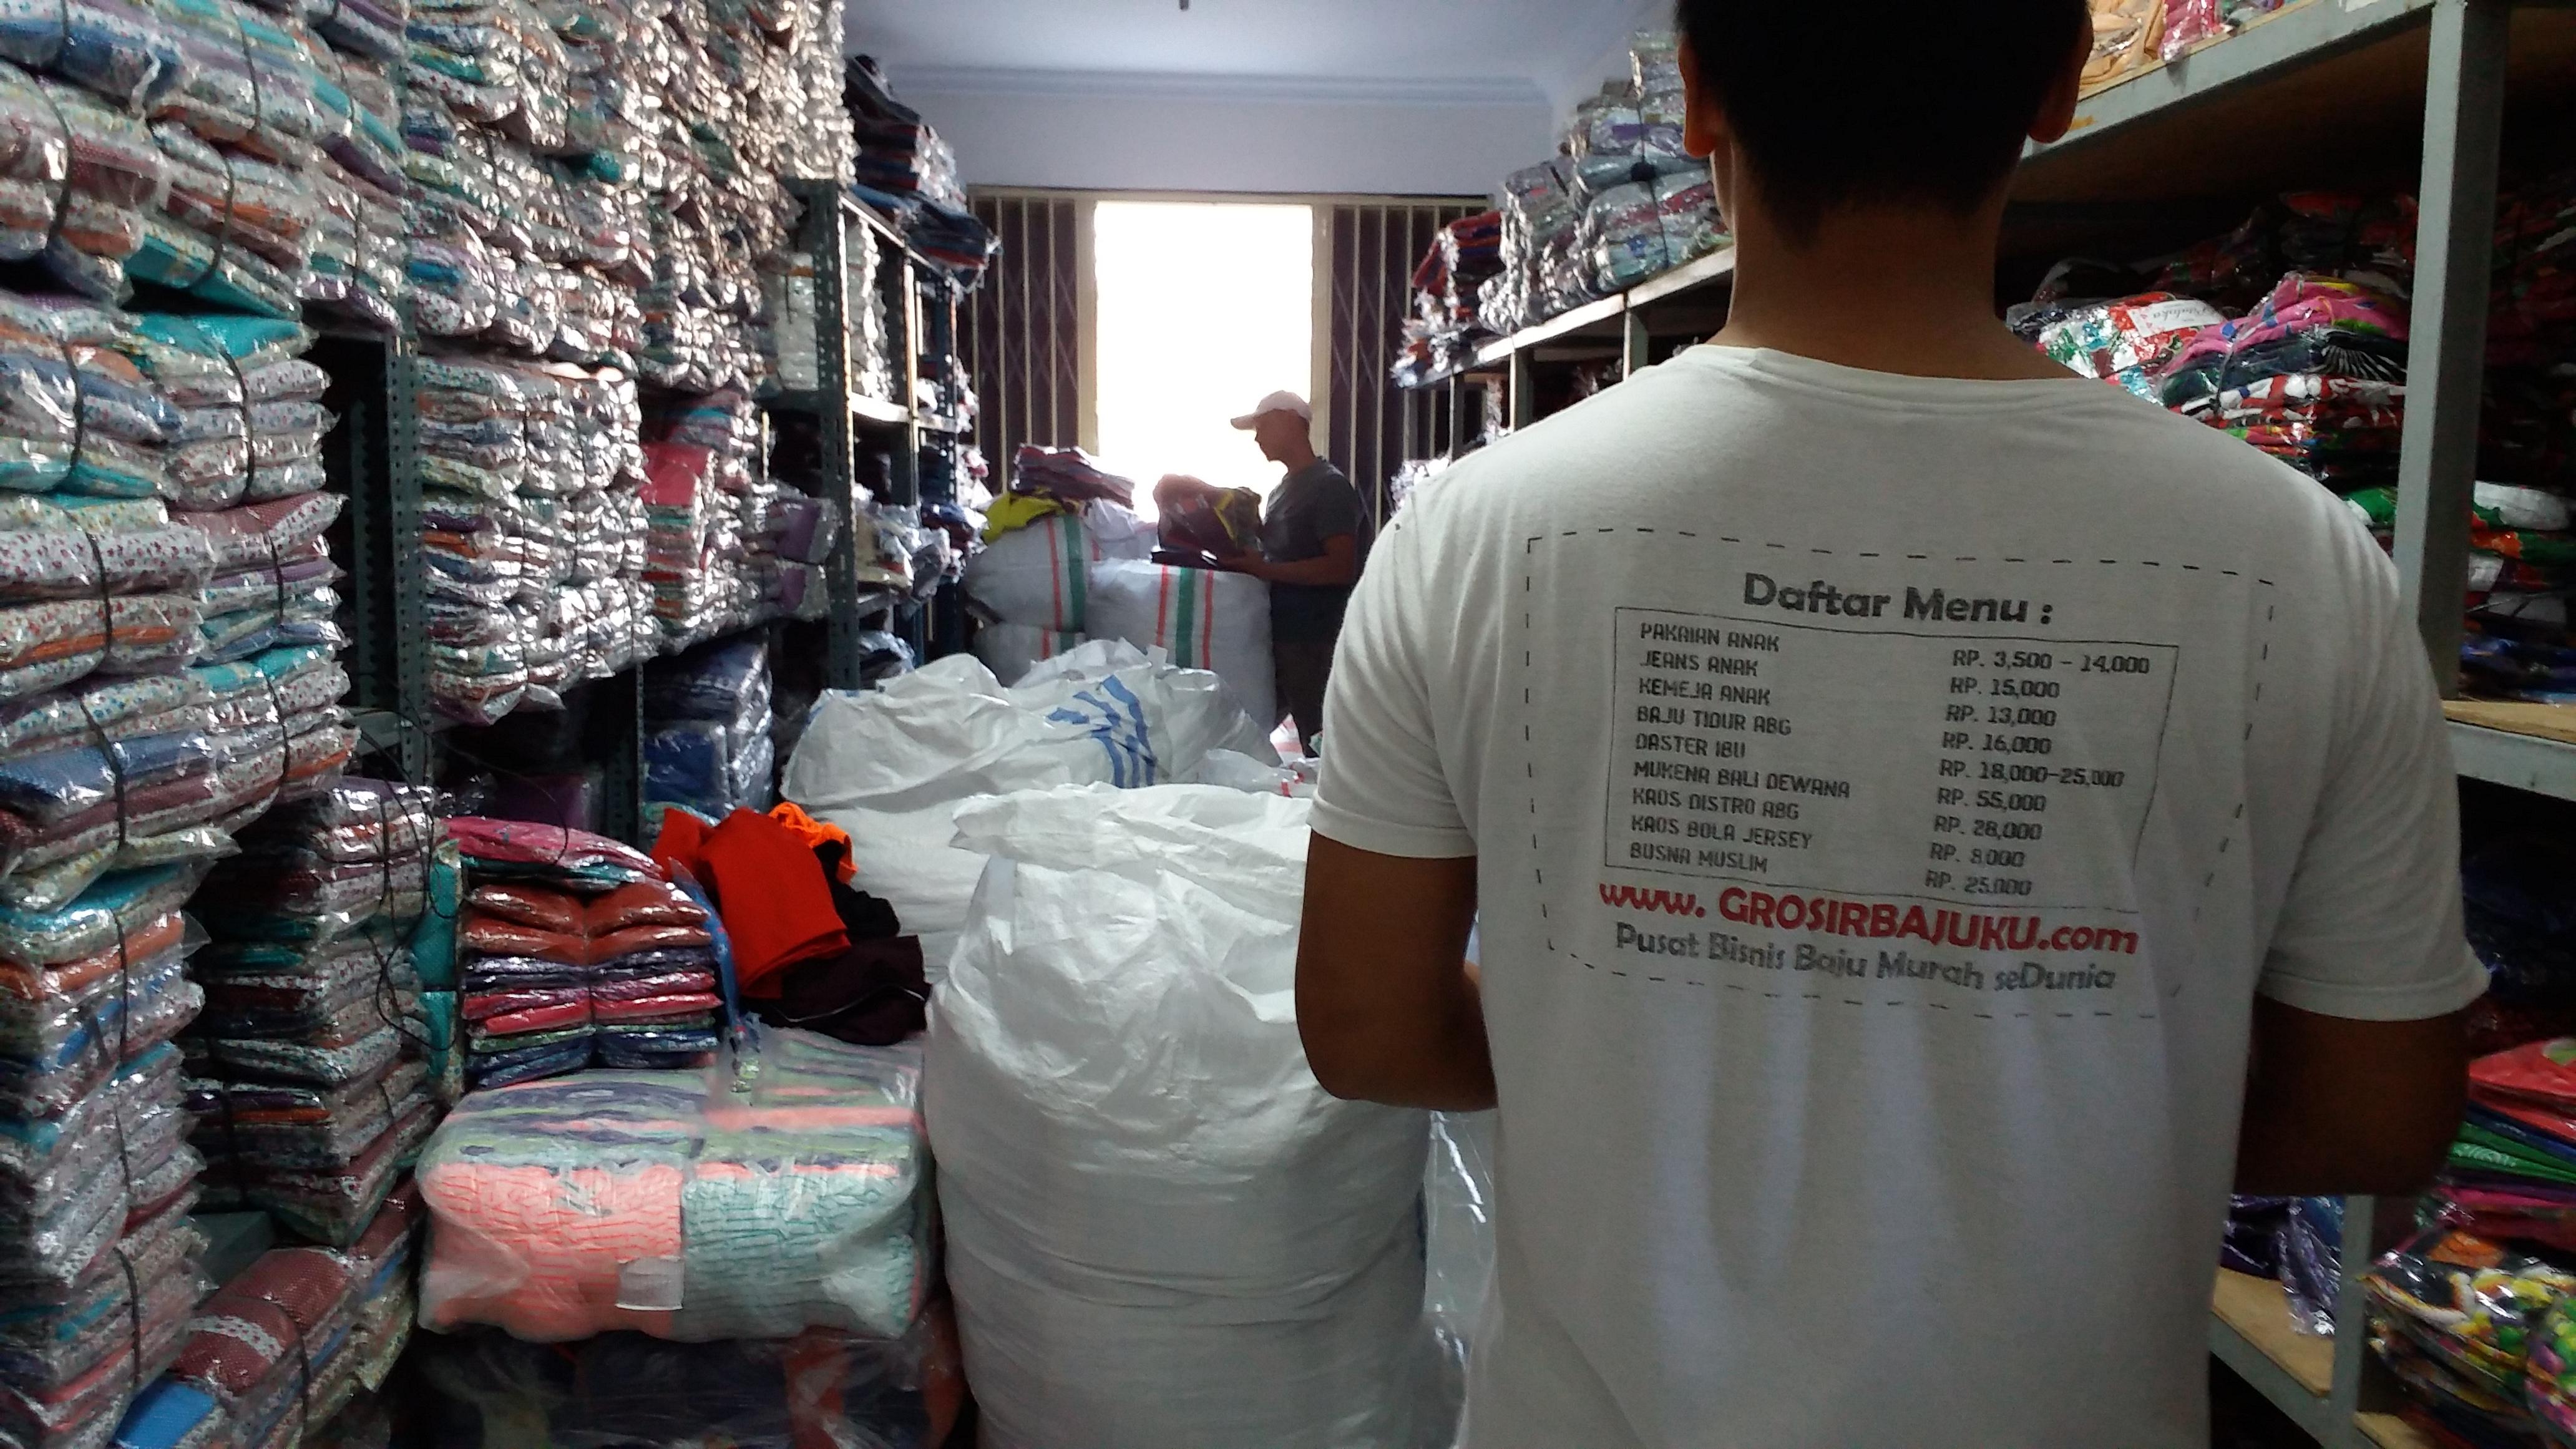 grosir baju anak murah banget pusat obral grosir baju anak 5000 mukena katun jepang daster murah,Baju Anak Anak Harga 5000